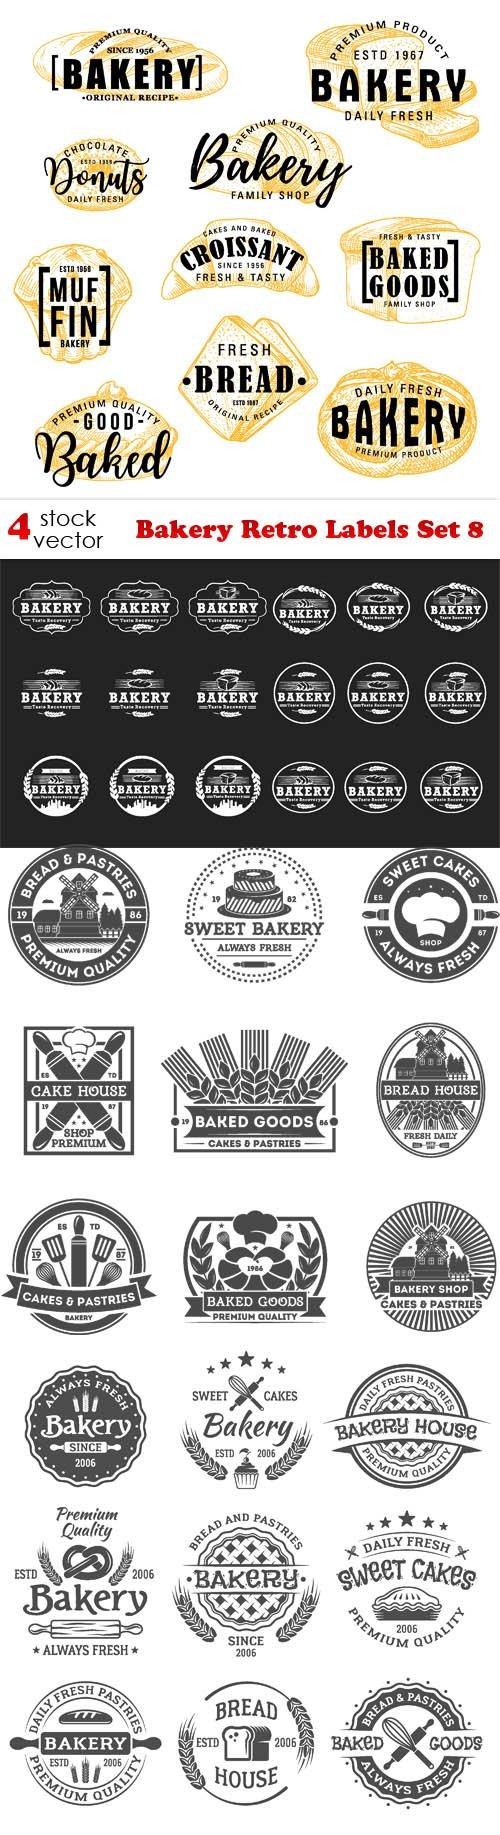 Vectors - Bakery Retro Labels Set 8